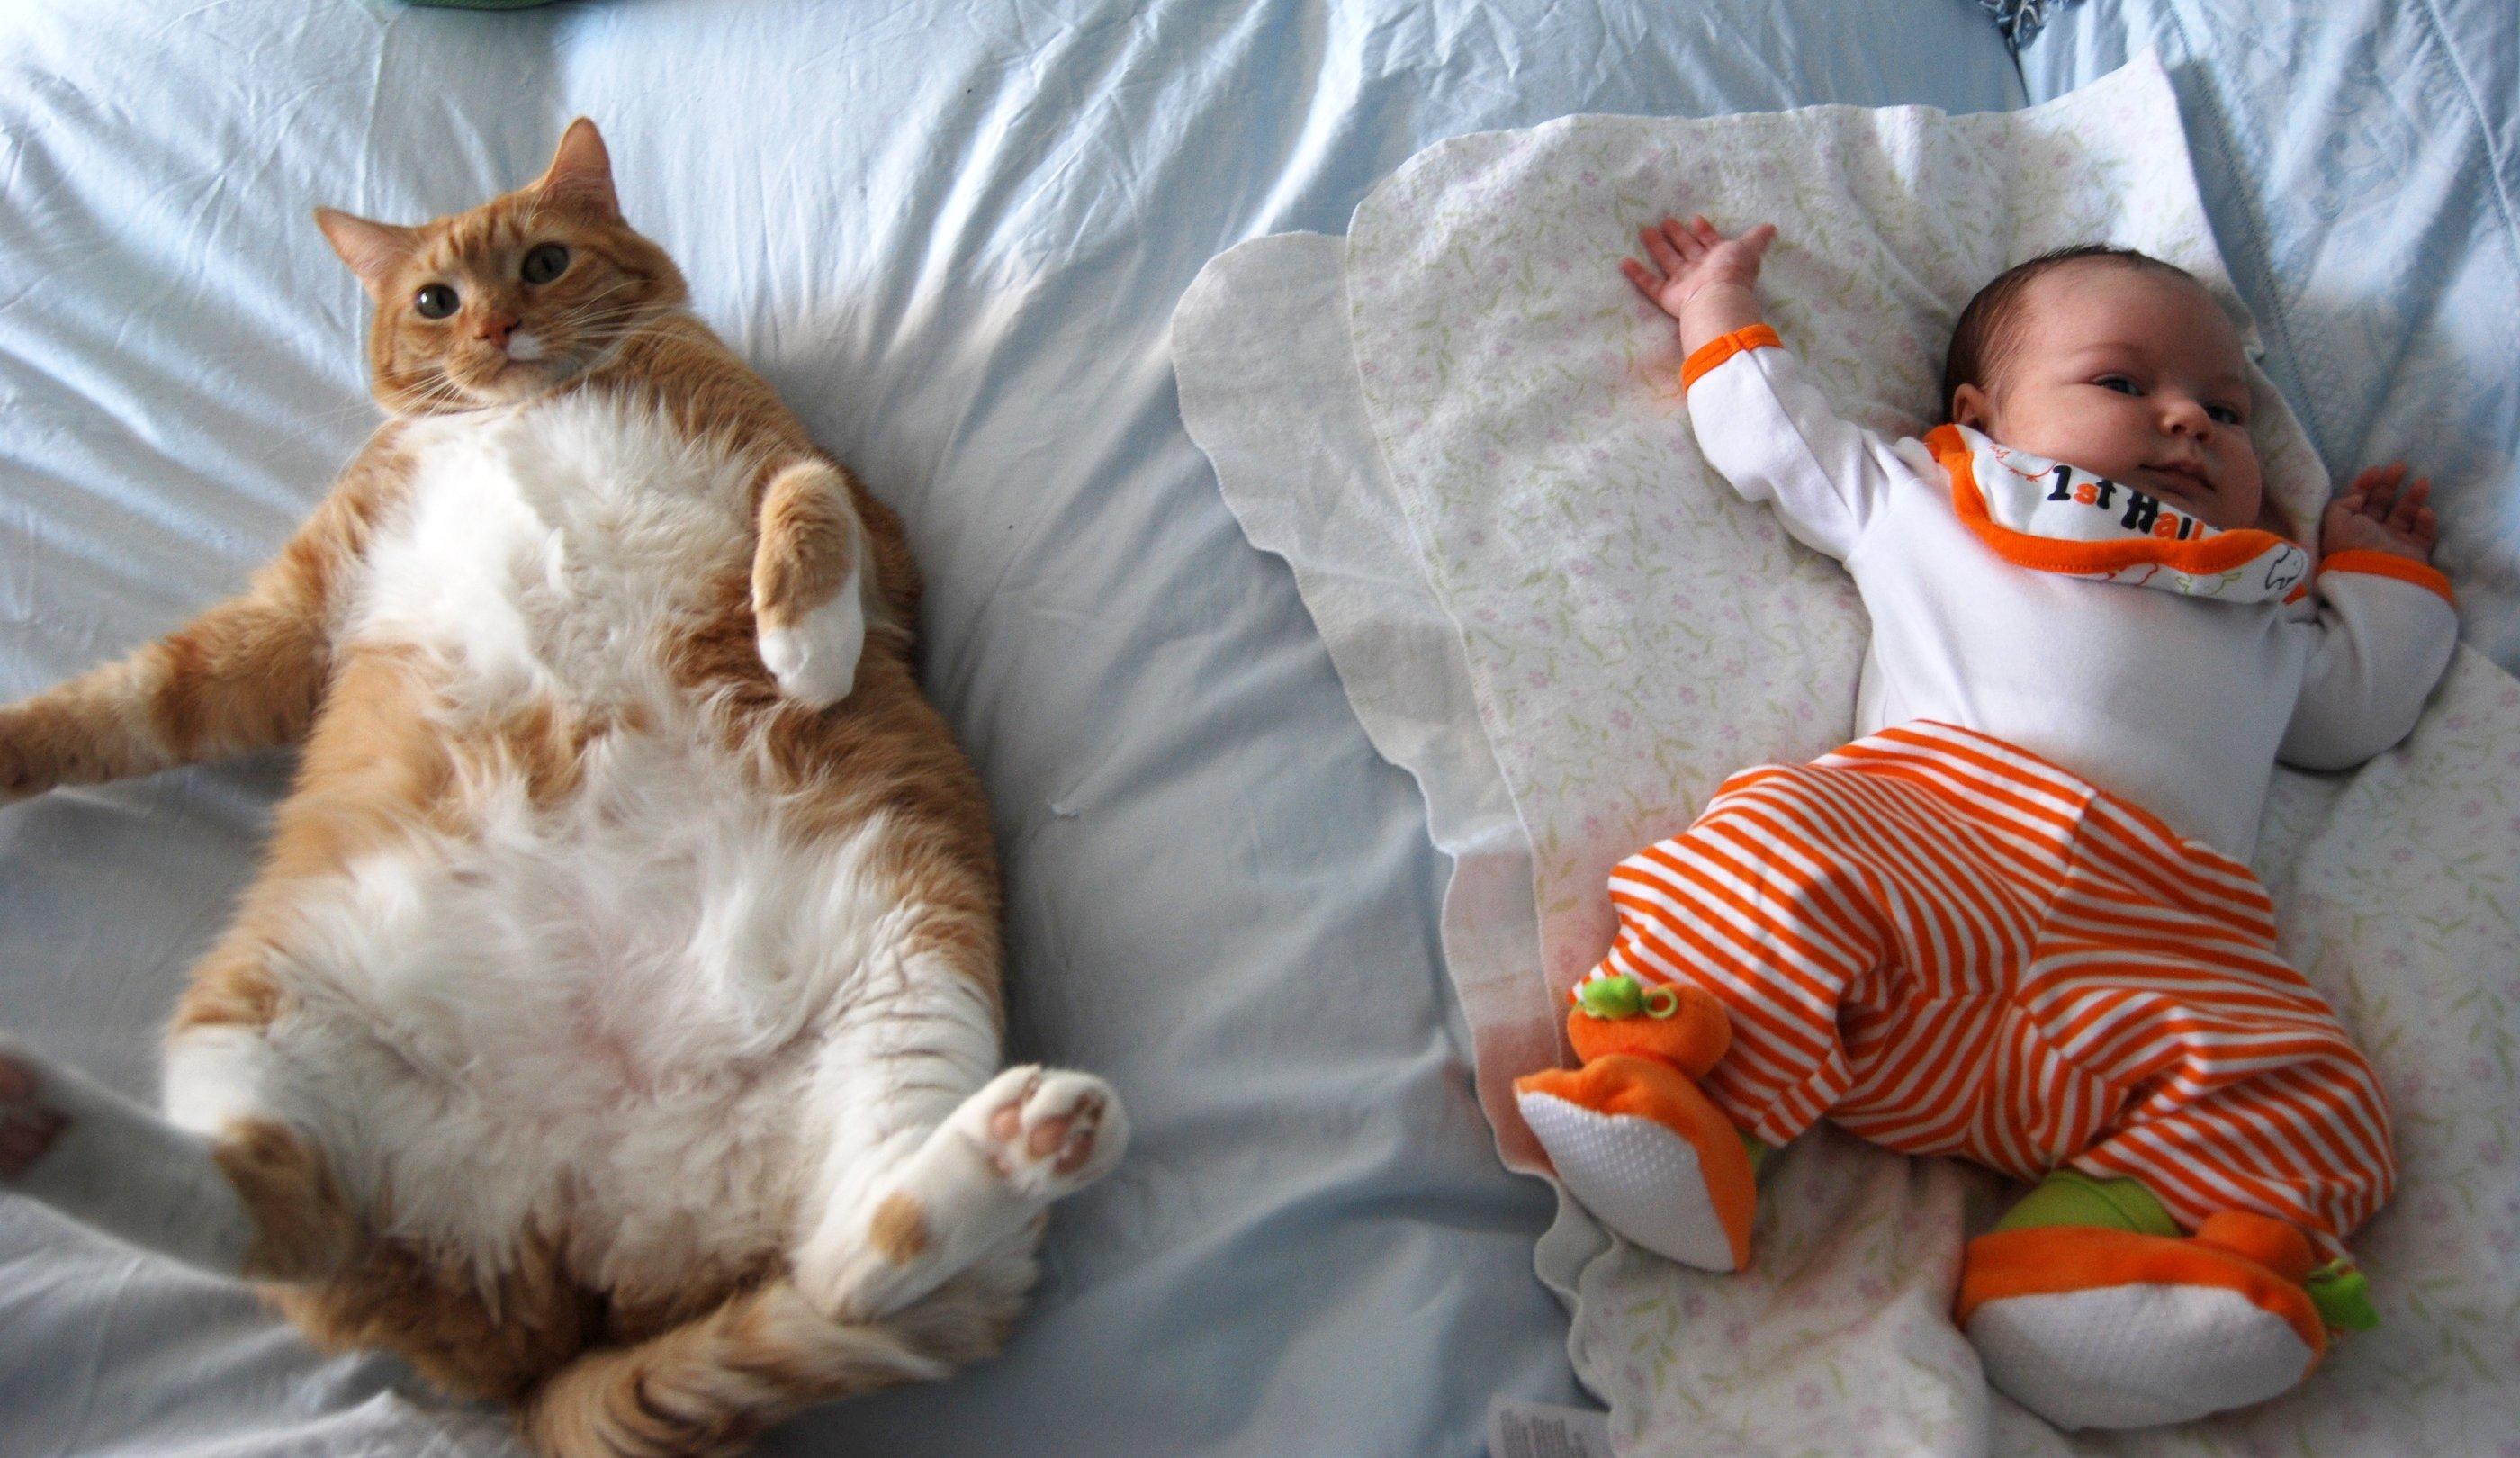 Фотогалерея - Кошки и дети - Забавные фото кошек - CATS -галерея 45